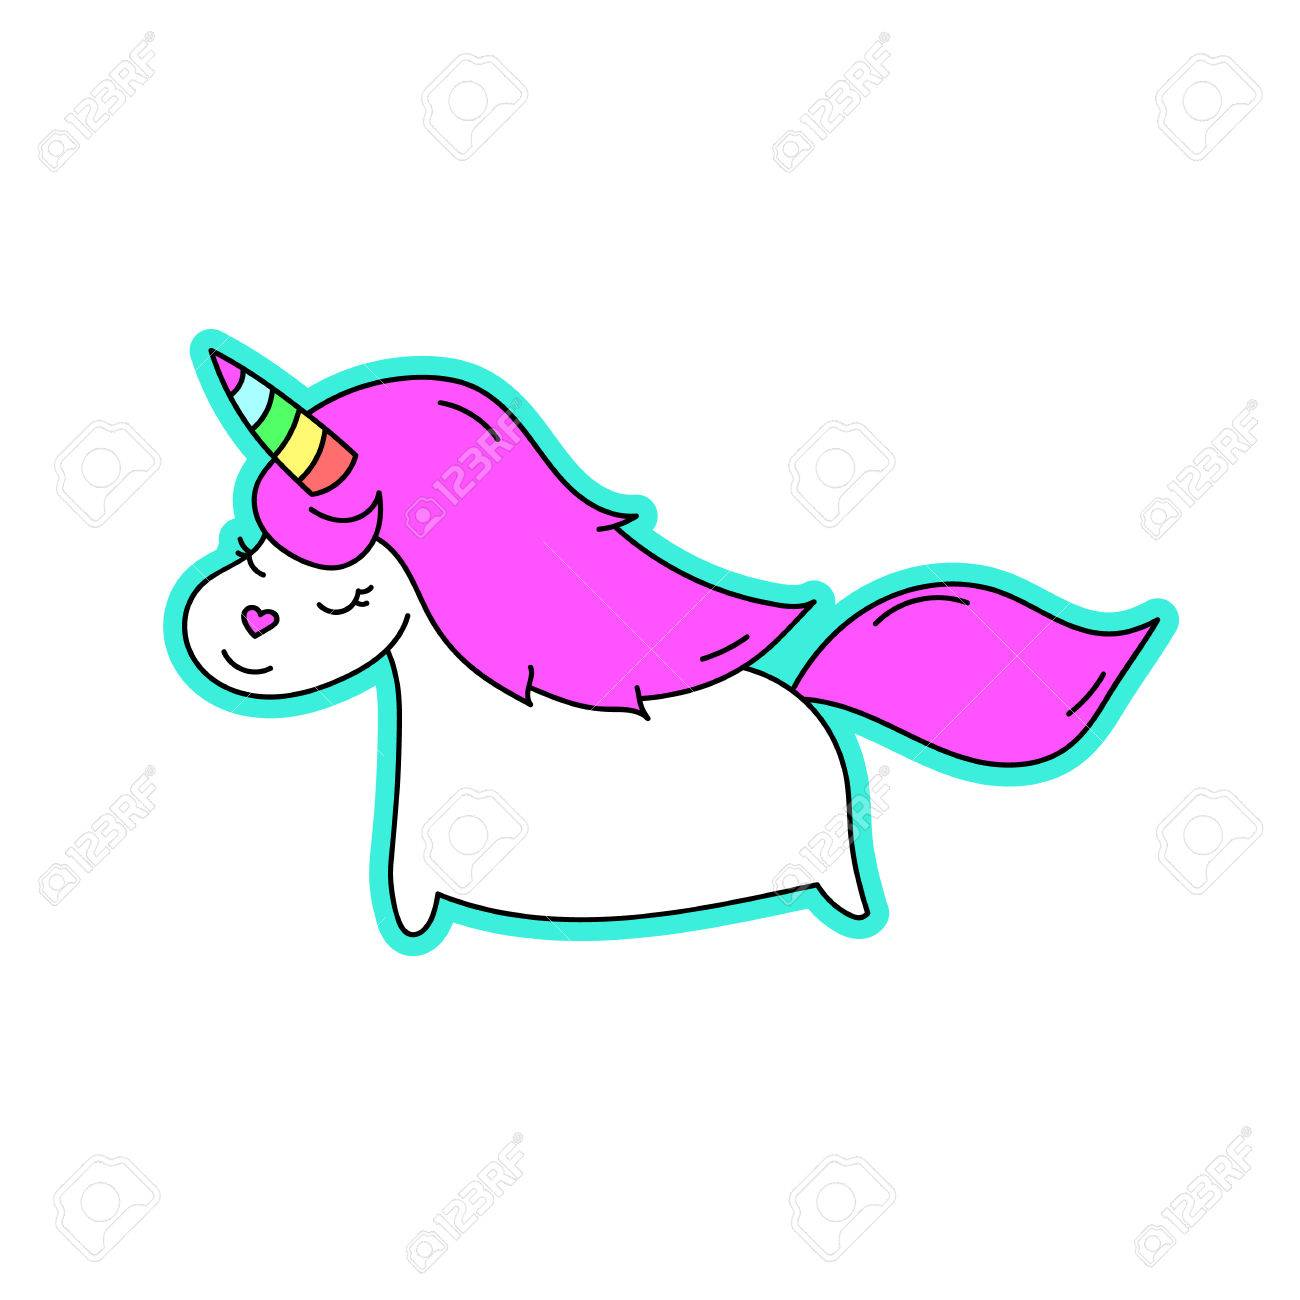 Vettoriale Unicorno Con Corno Arcobaleno Su Uno Sfondo Bianco Può